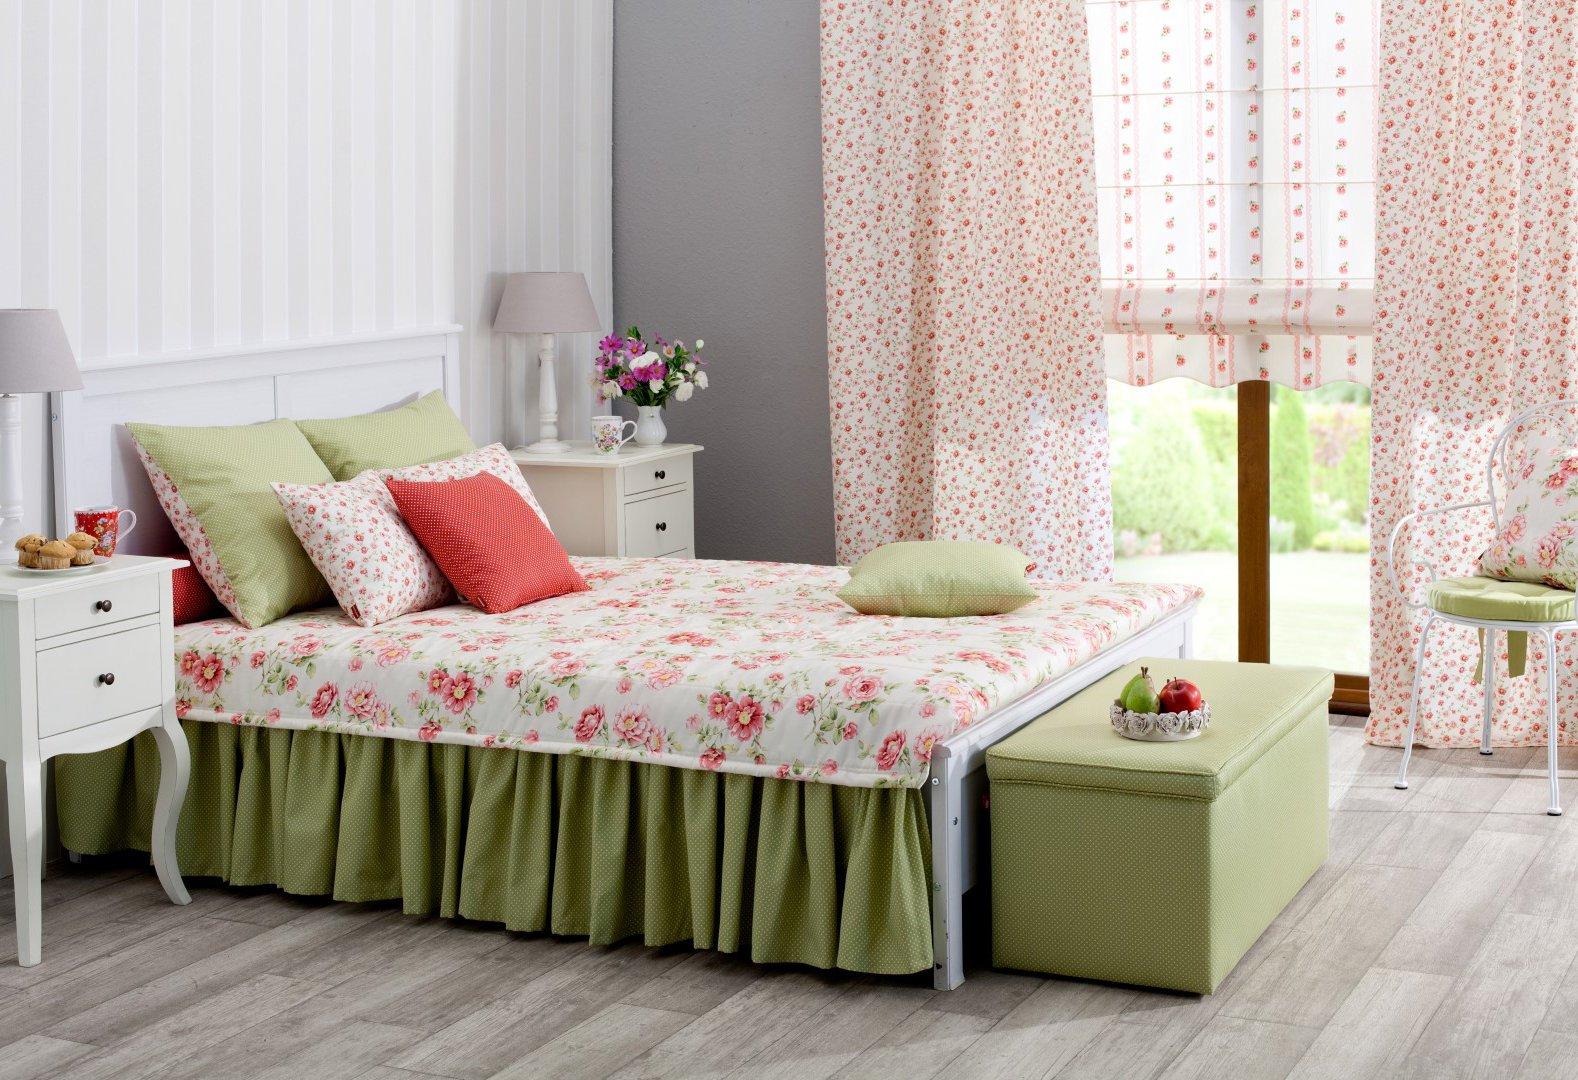 SchlafzimmerAshley